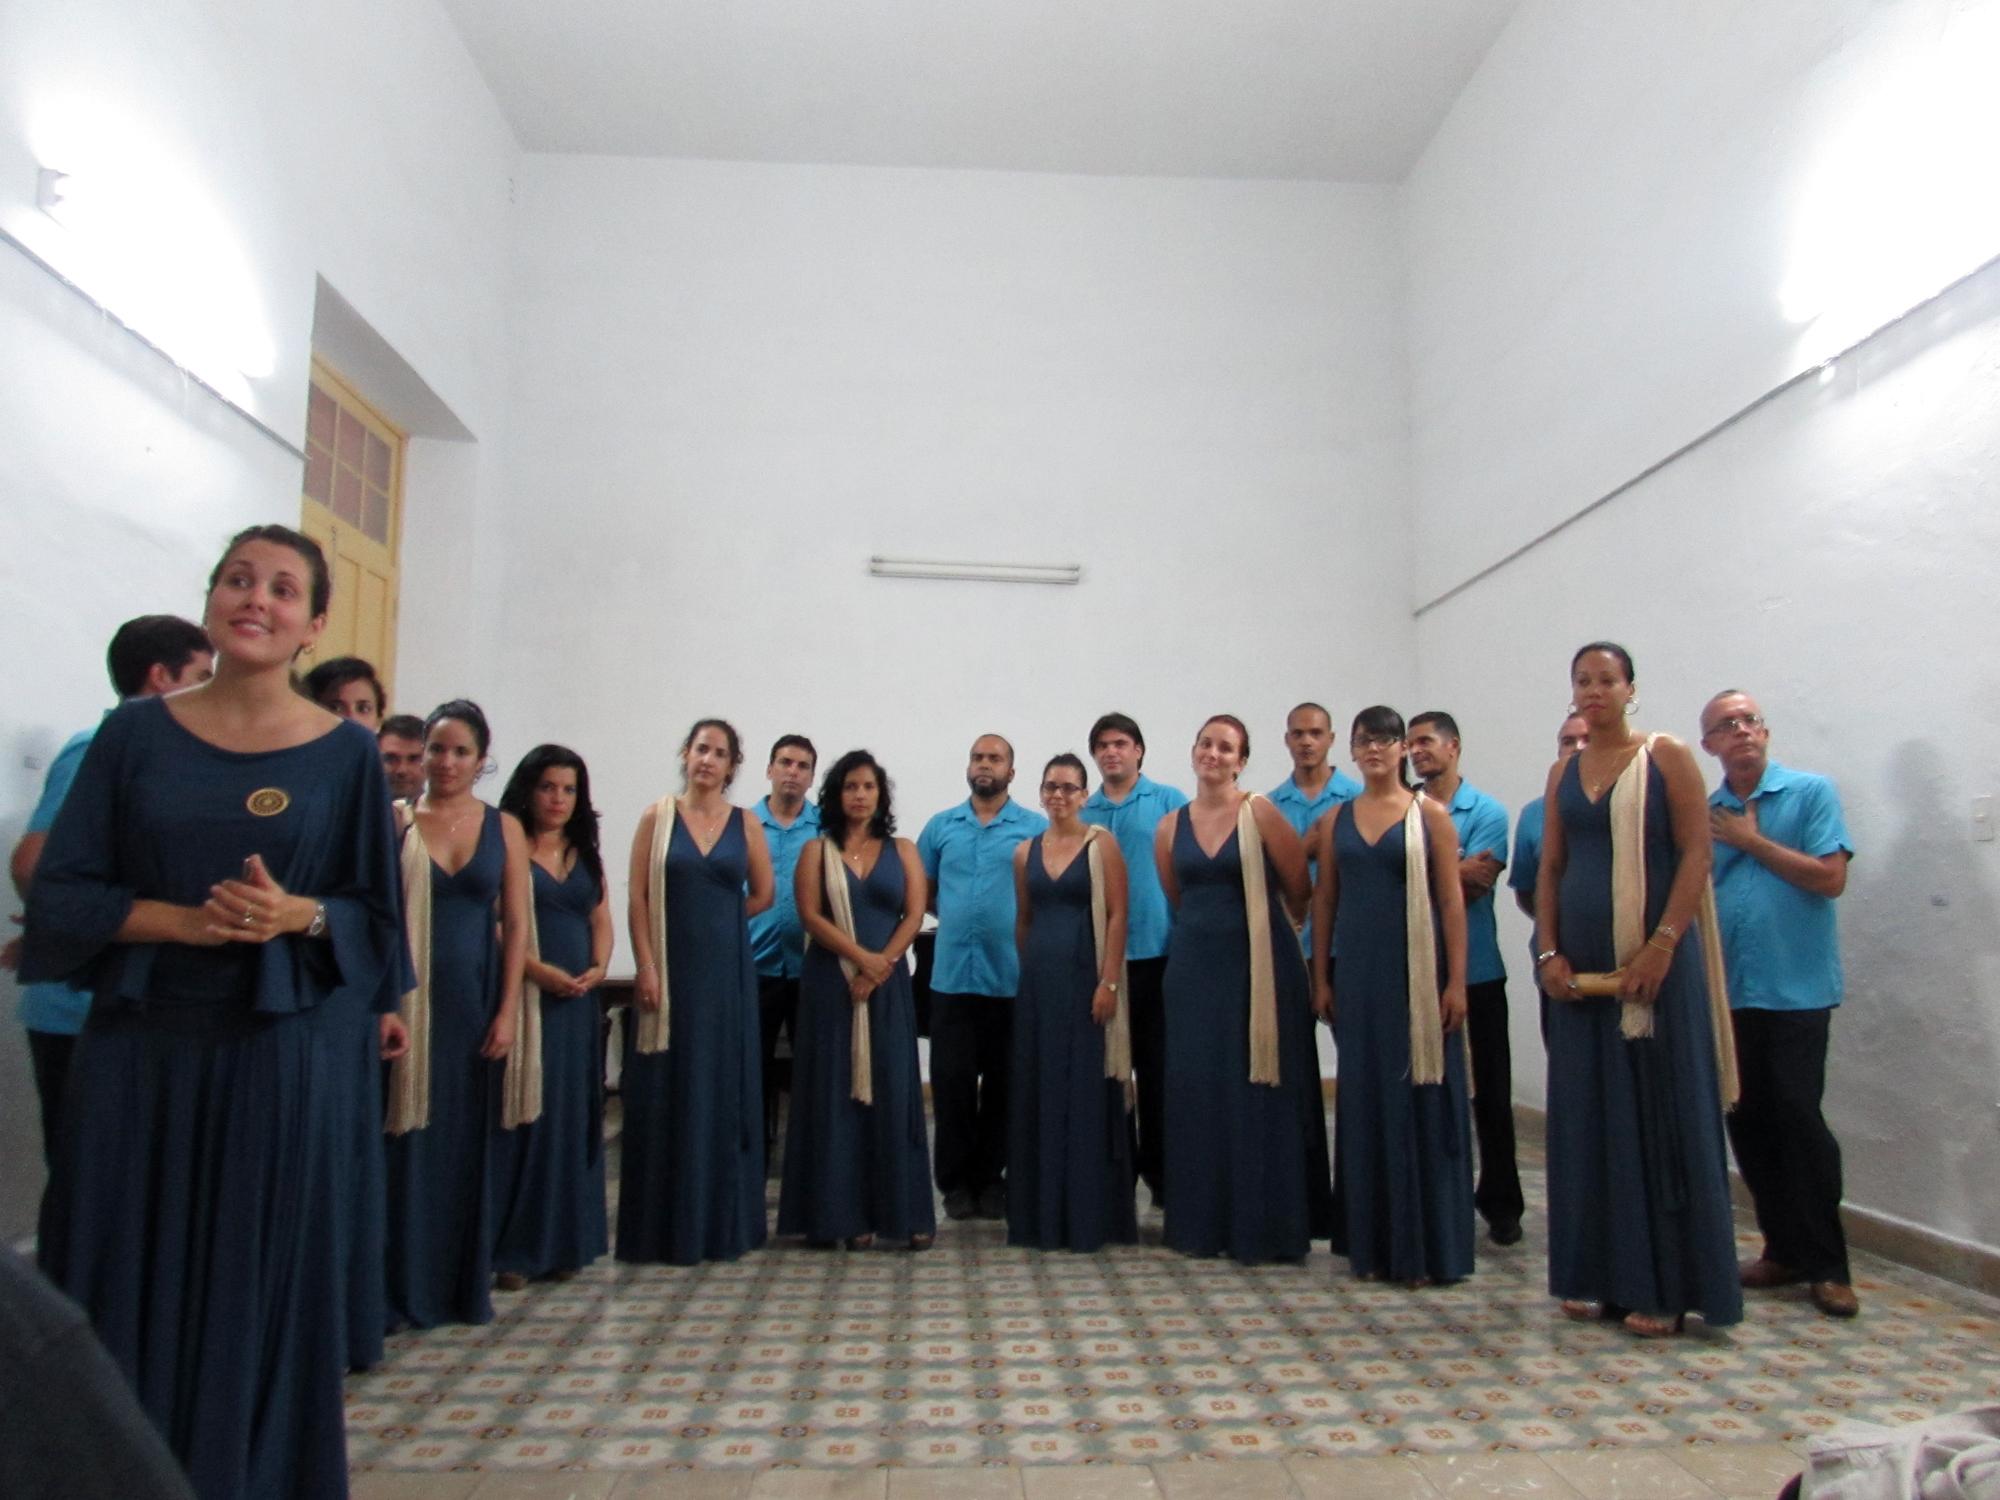 Cienfuegos Choir